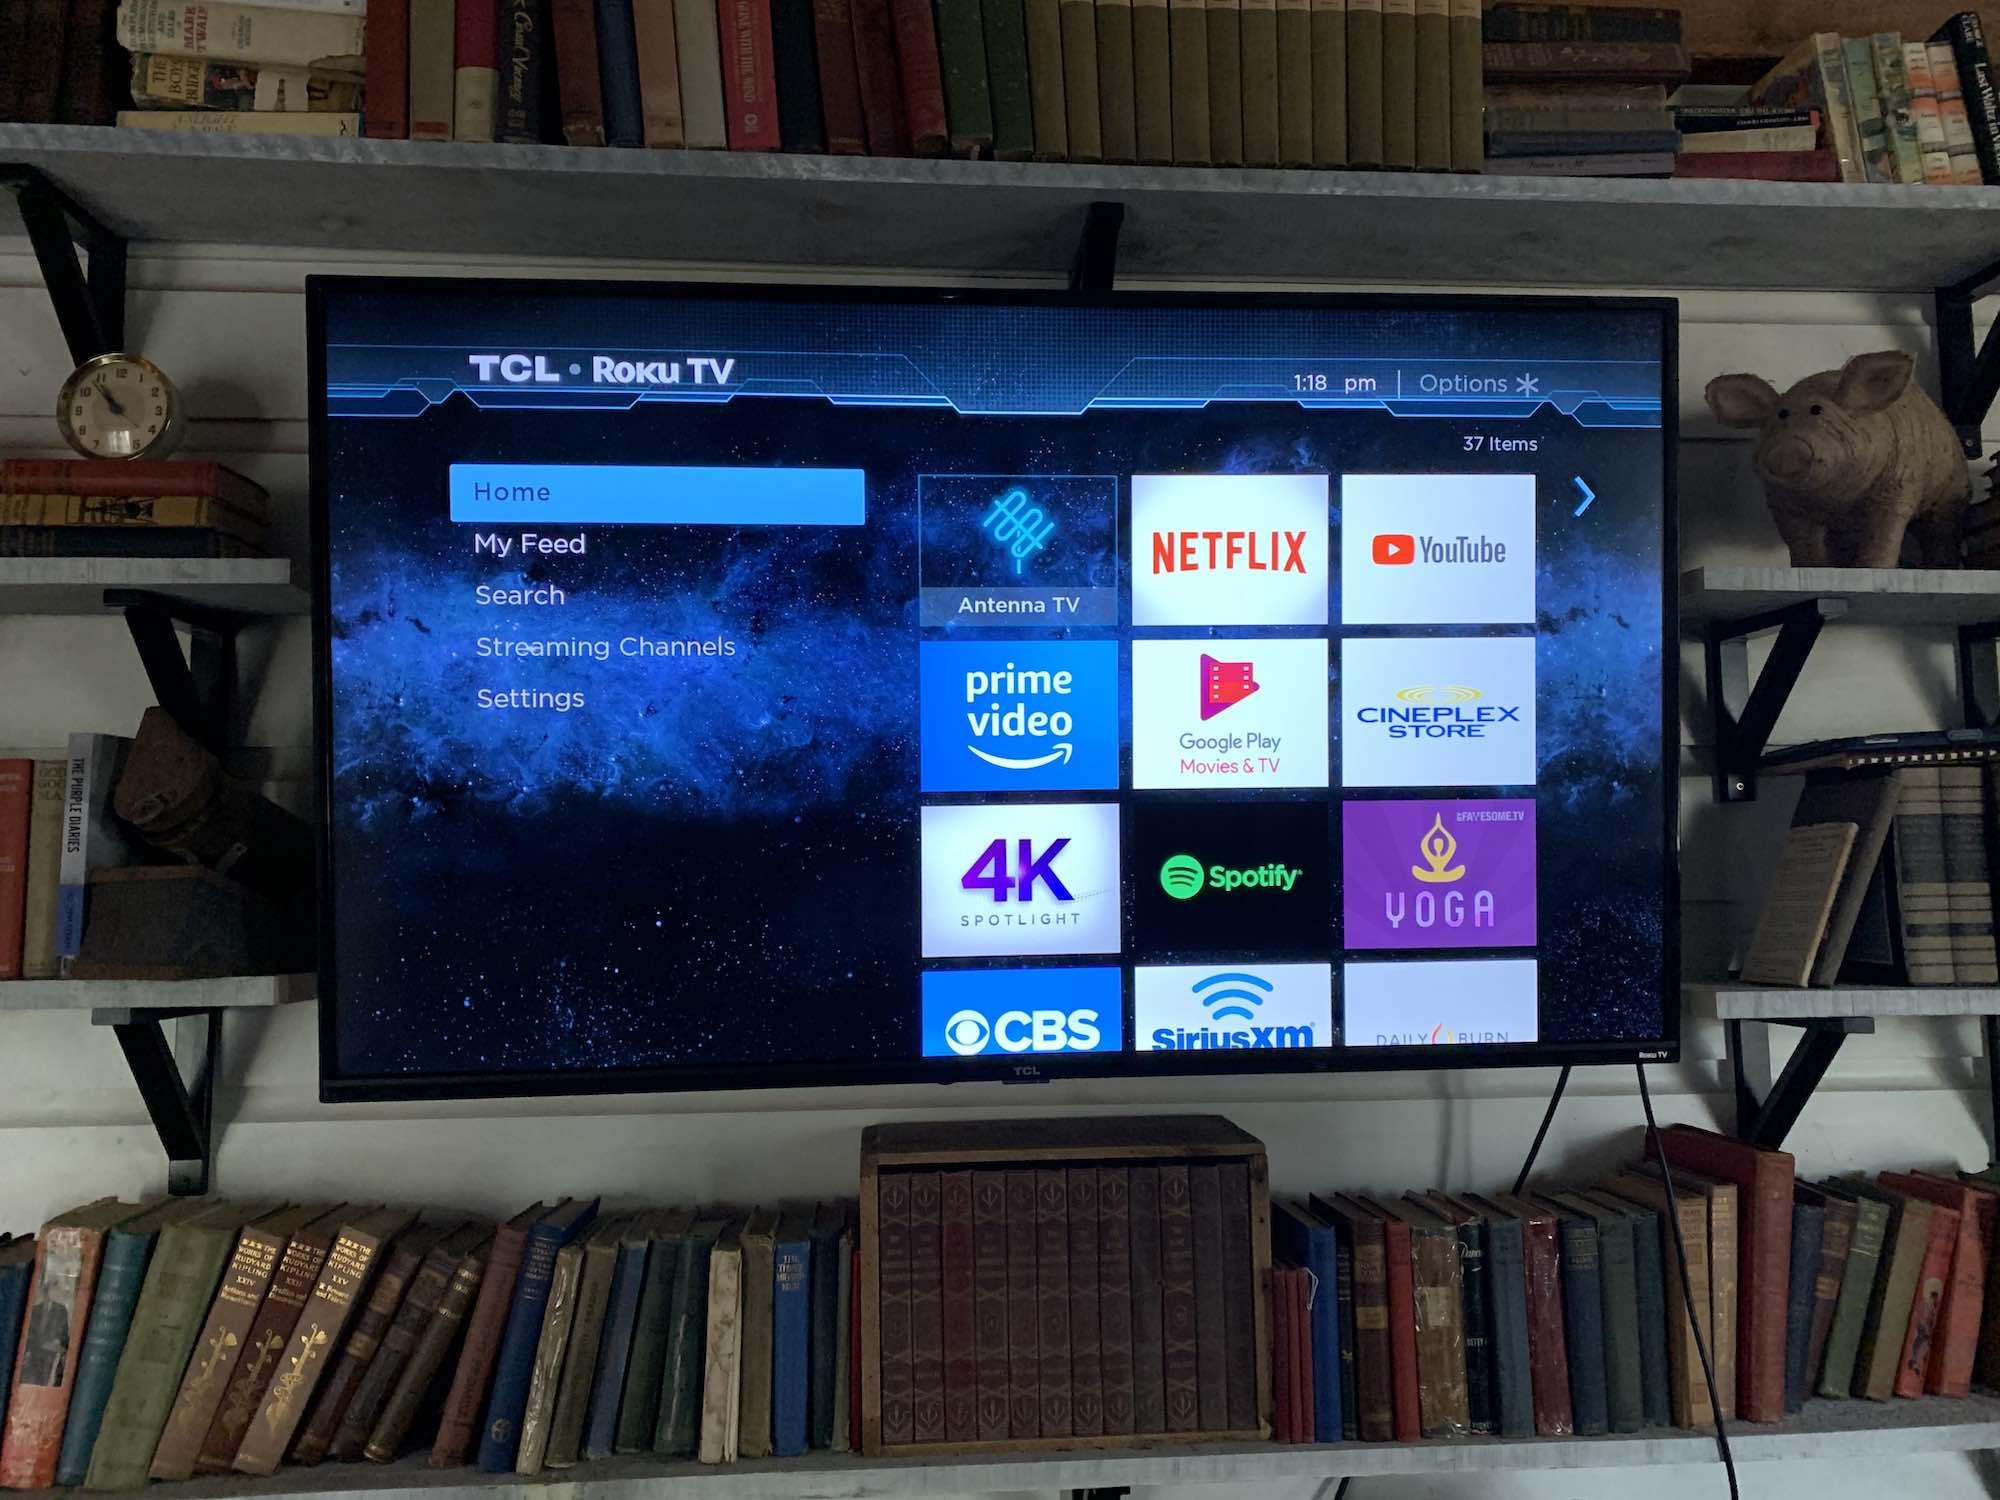 Évaluation du téléviseur intelligent Roku HDR UHD 4K série 4 de 55 po de TCL